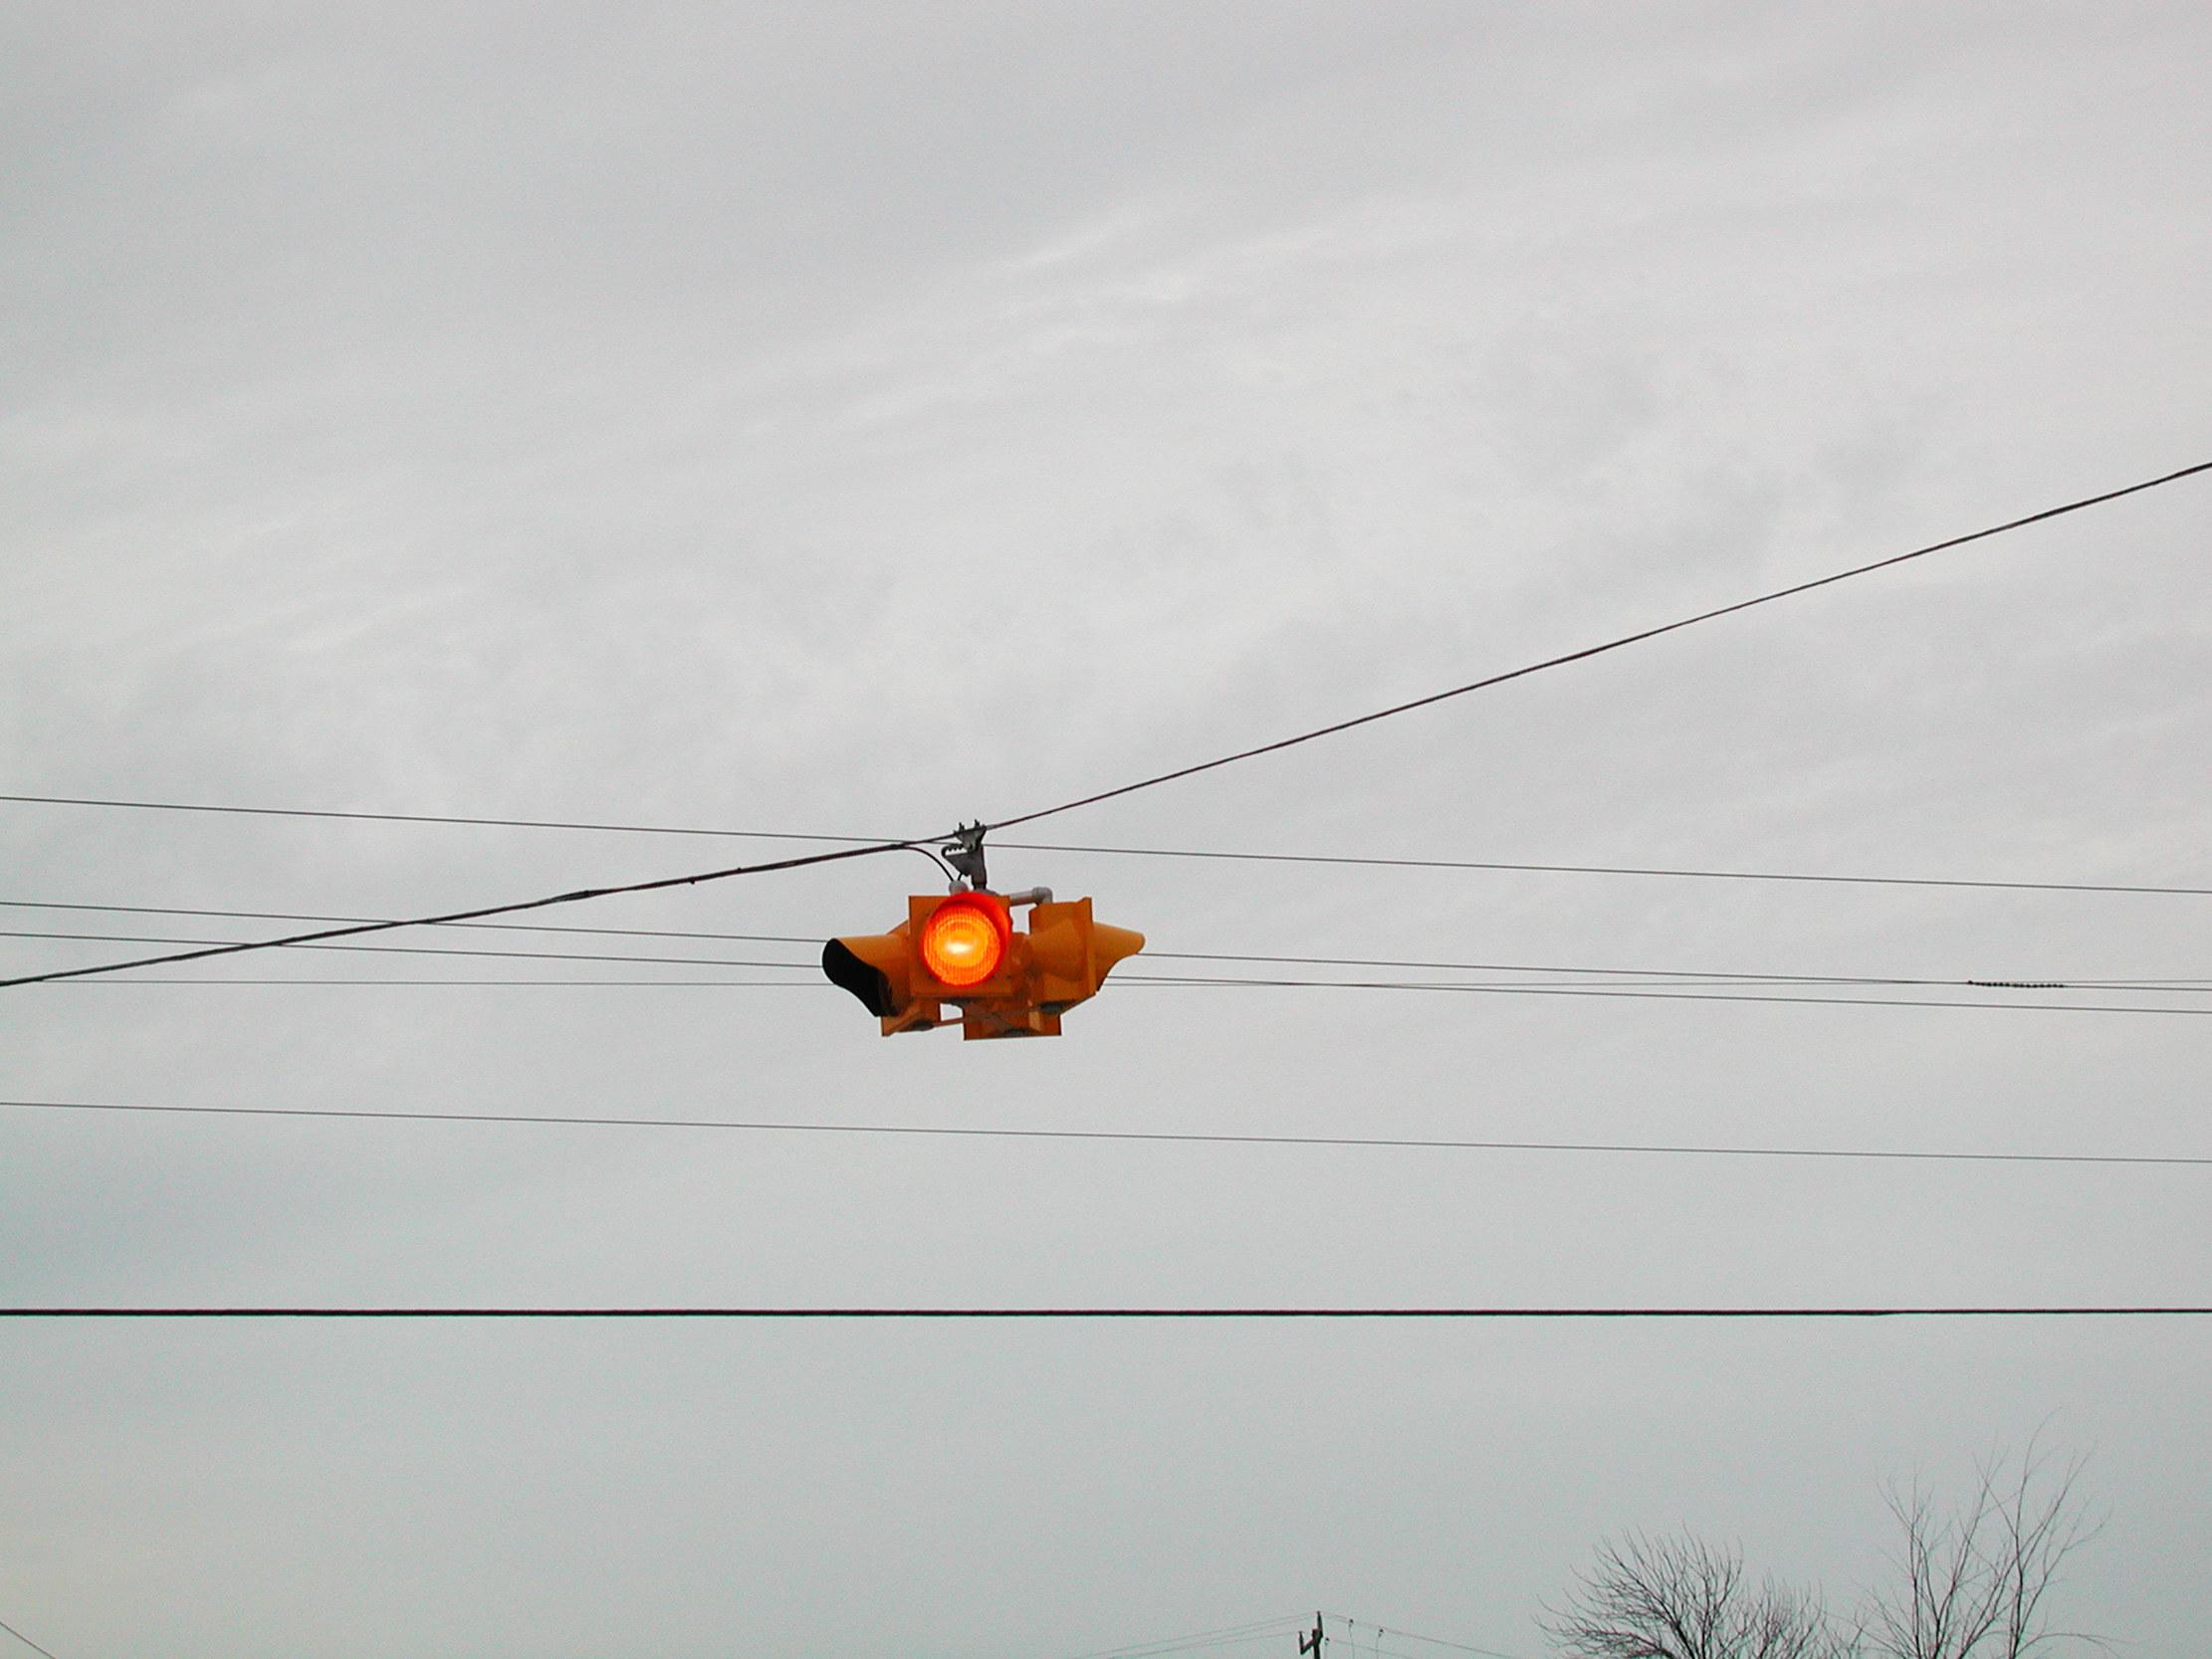 a red light